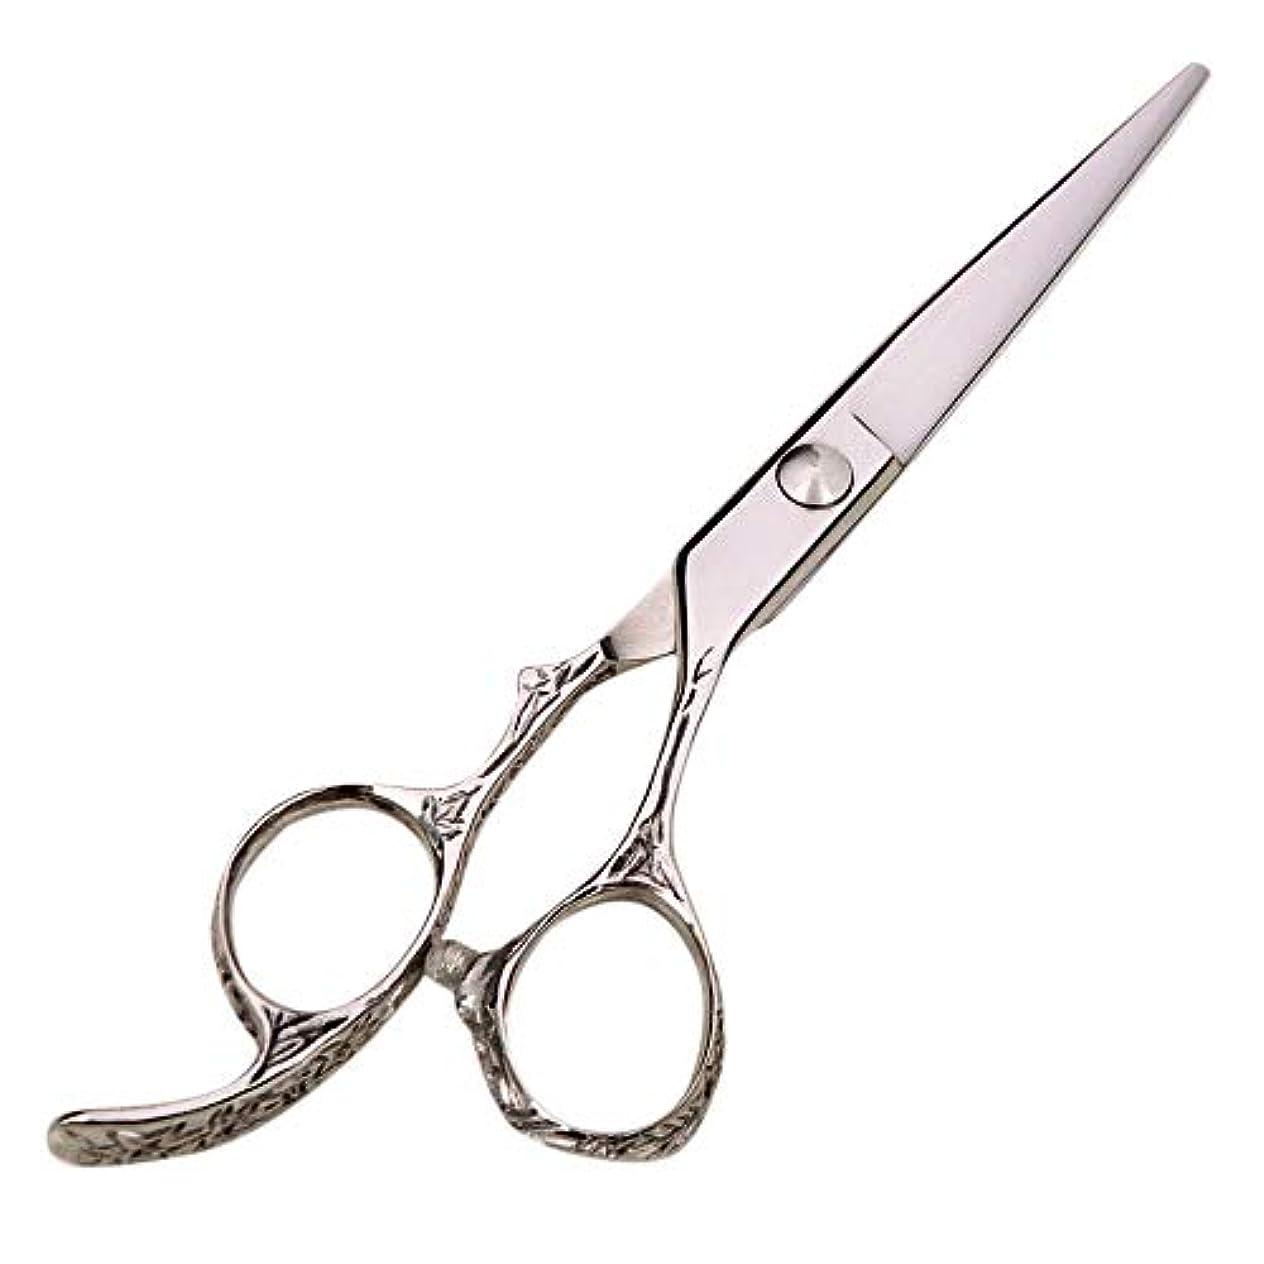 バング上院議員アナロジー6インチハイエンドプロフェッショナル理髪はさみ、美容院理髪ツール ヘアケア (色 : Silver)